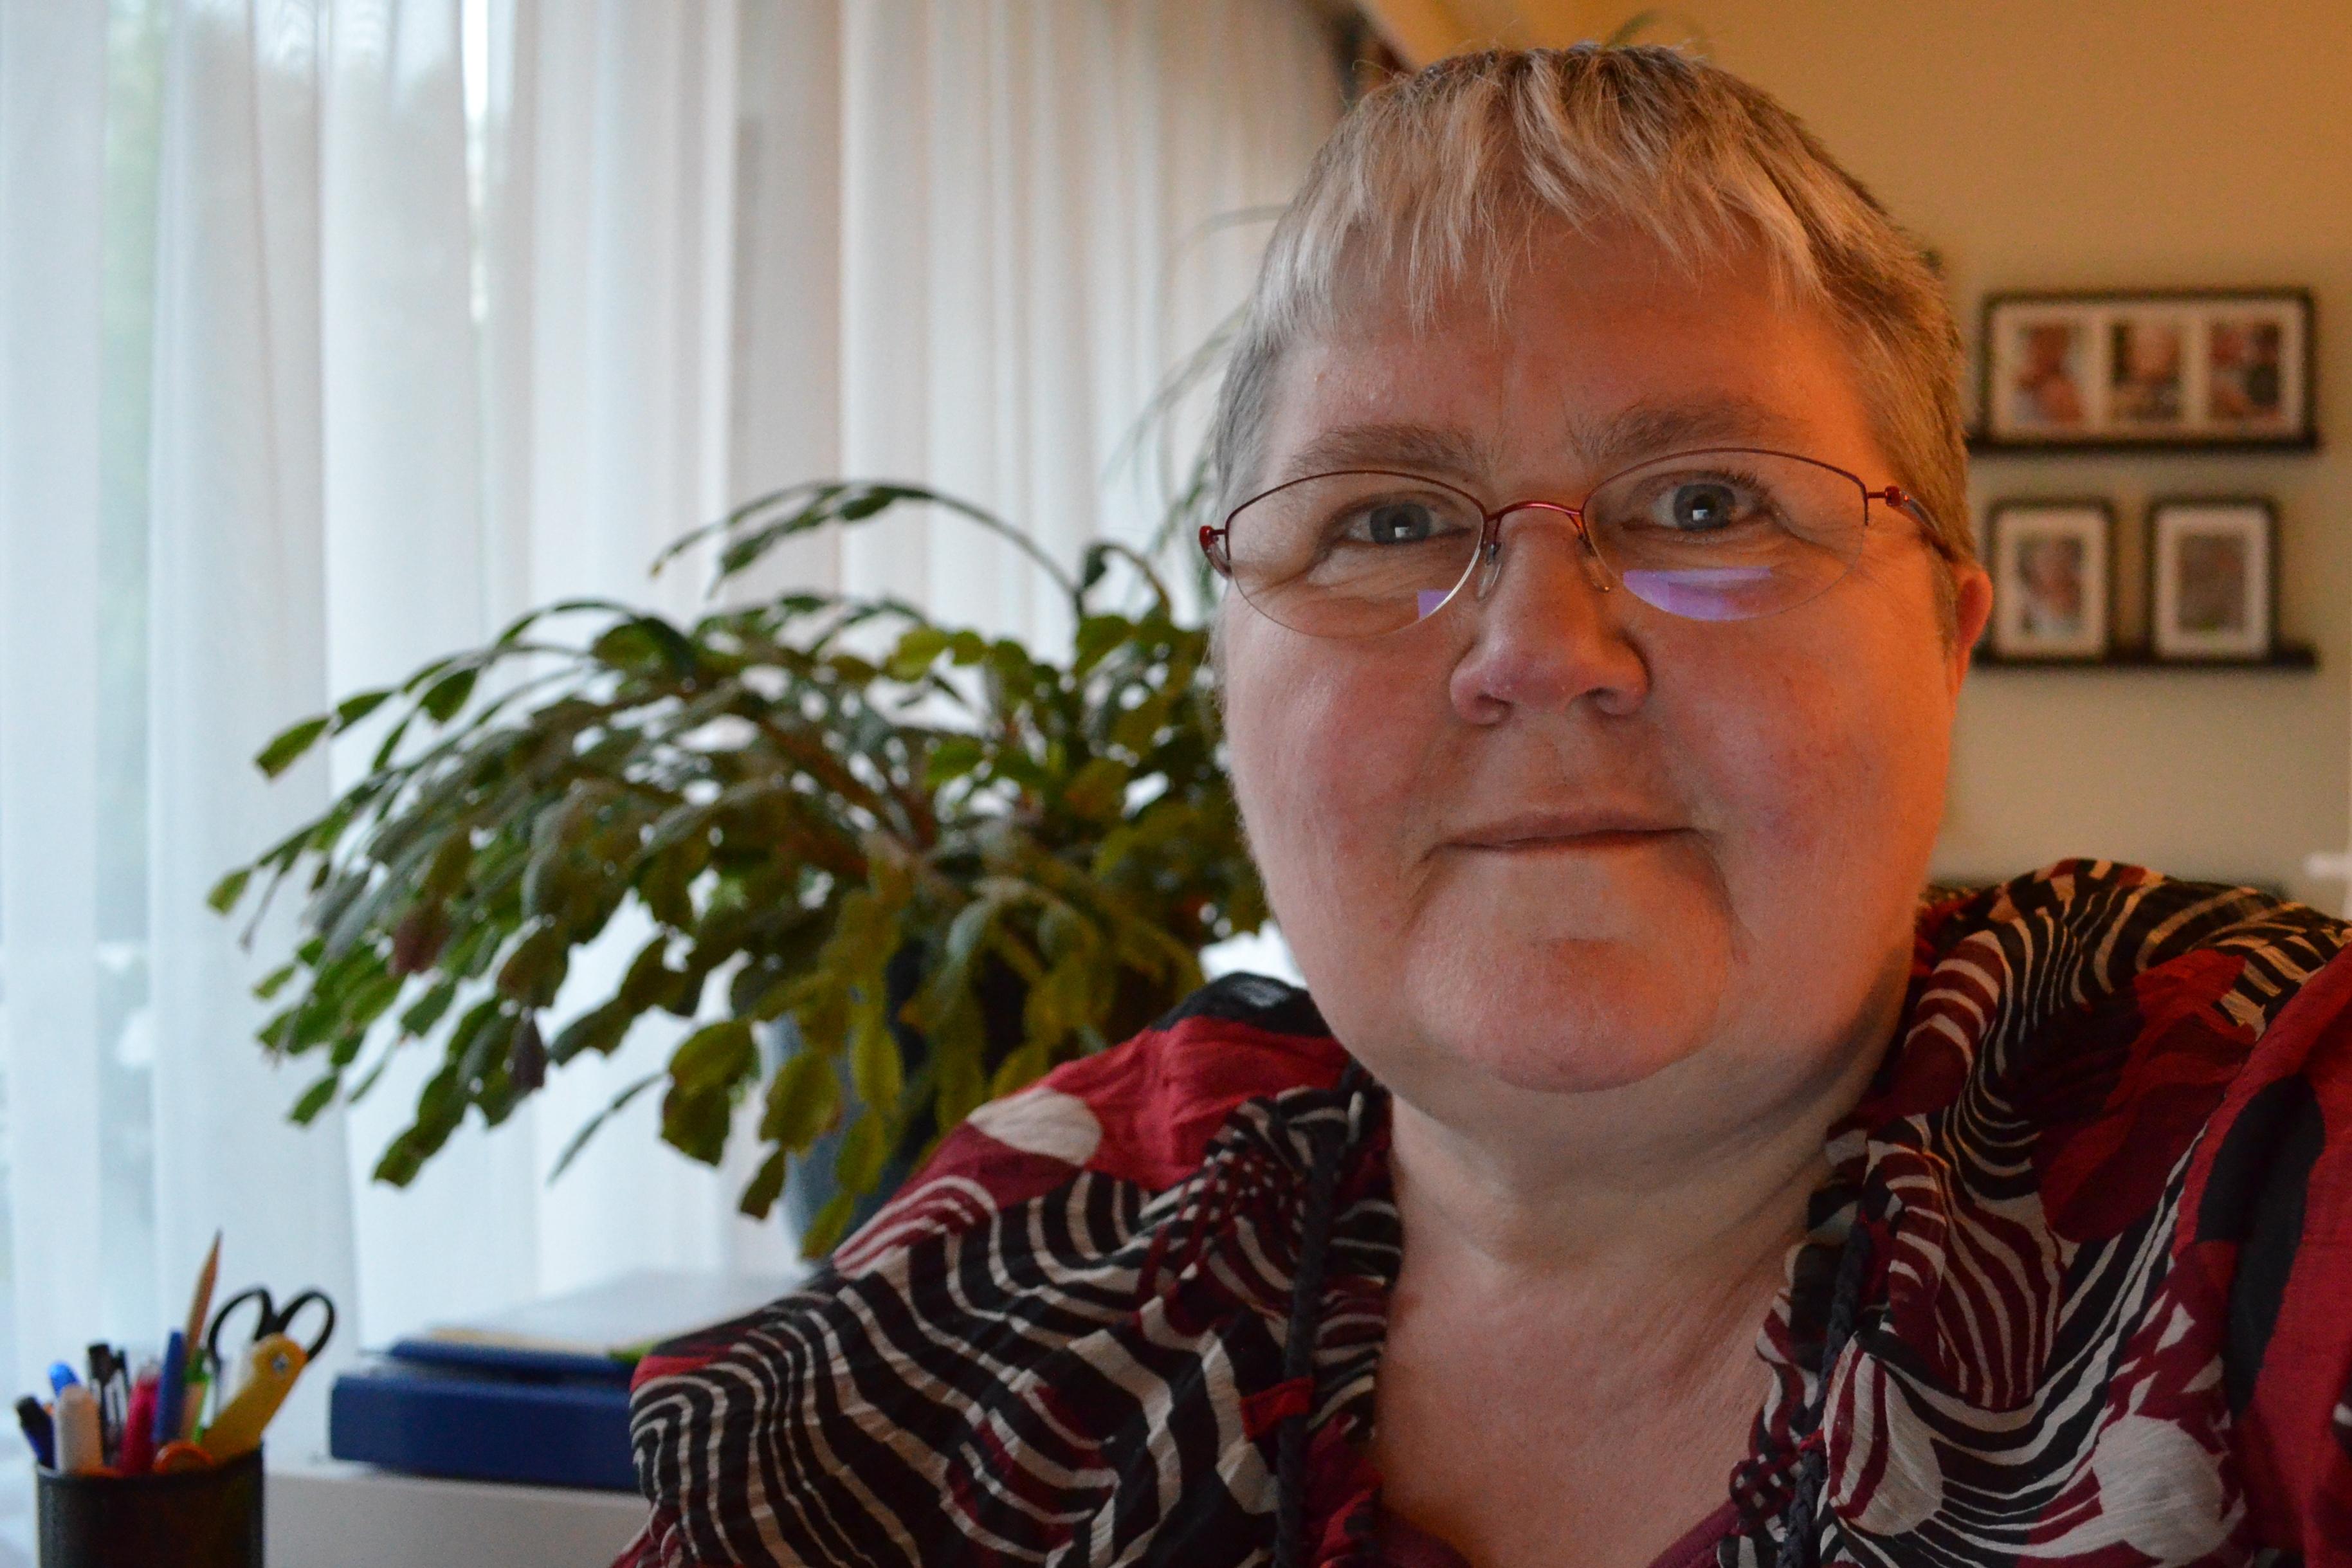 Mariette Dhondt